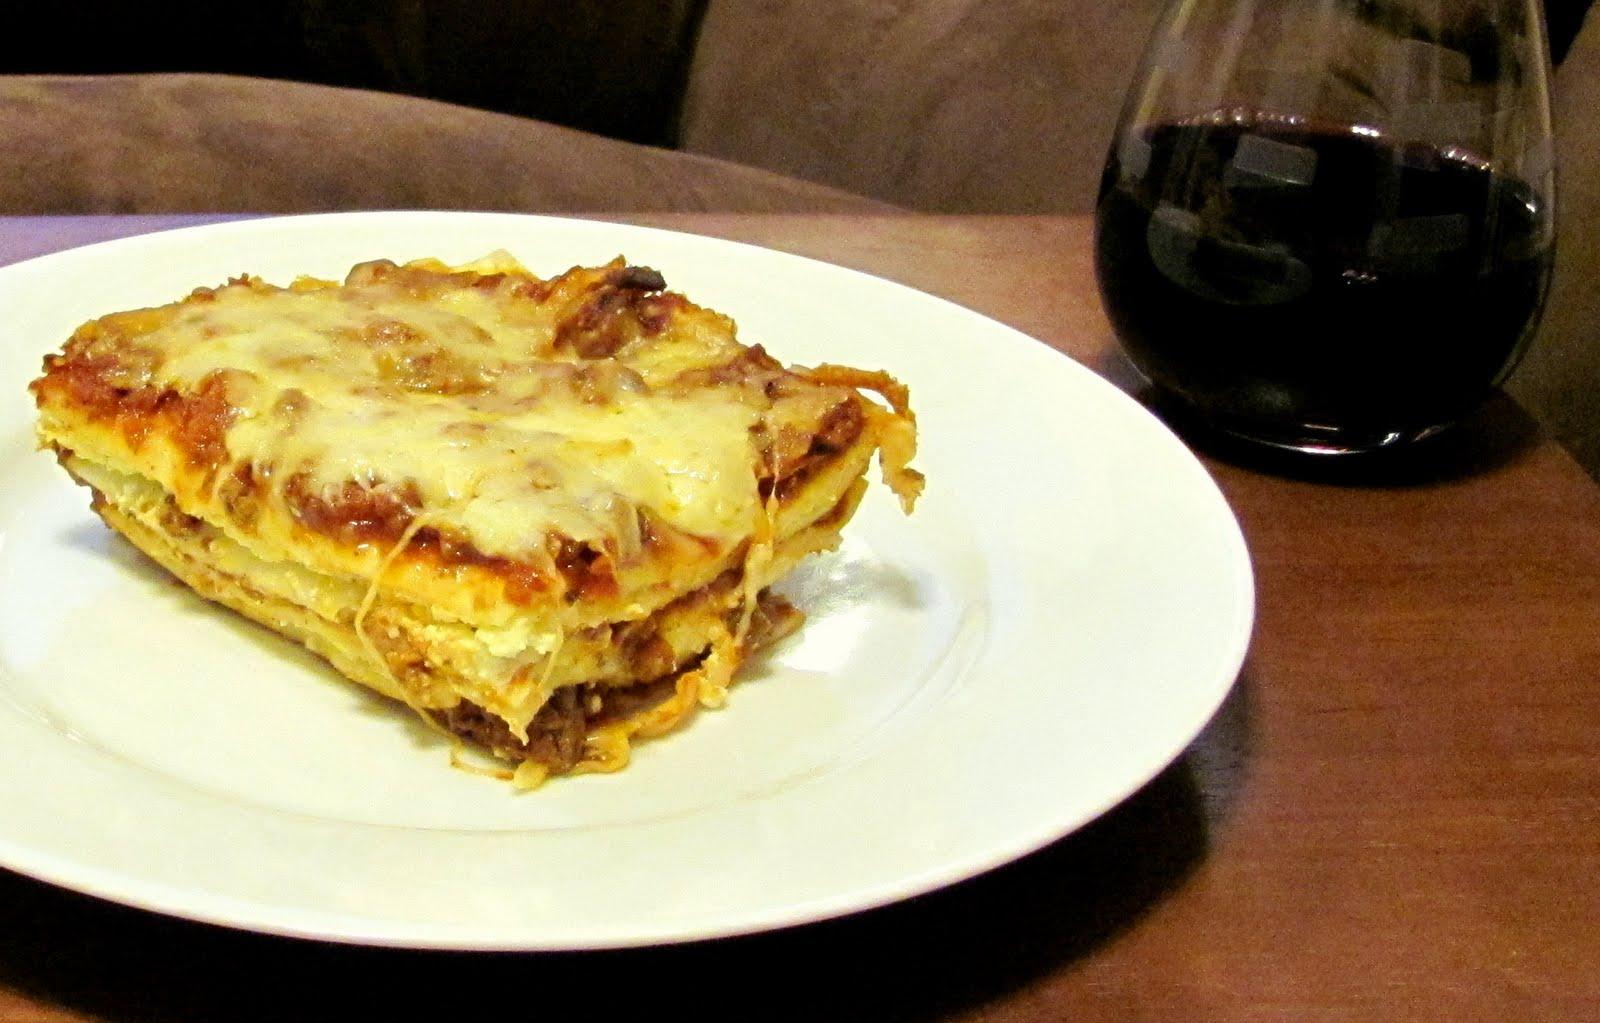 Joel's Food: Tex-Mex Lasagna